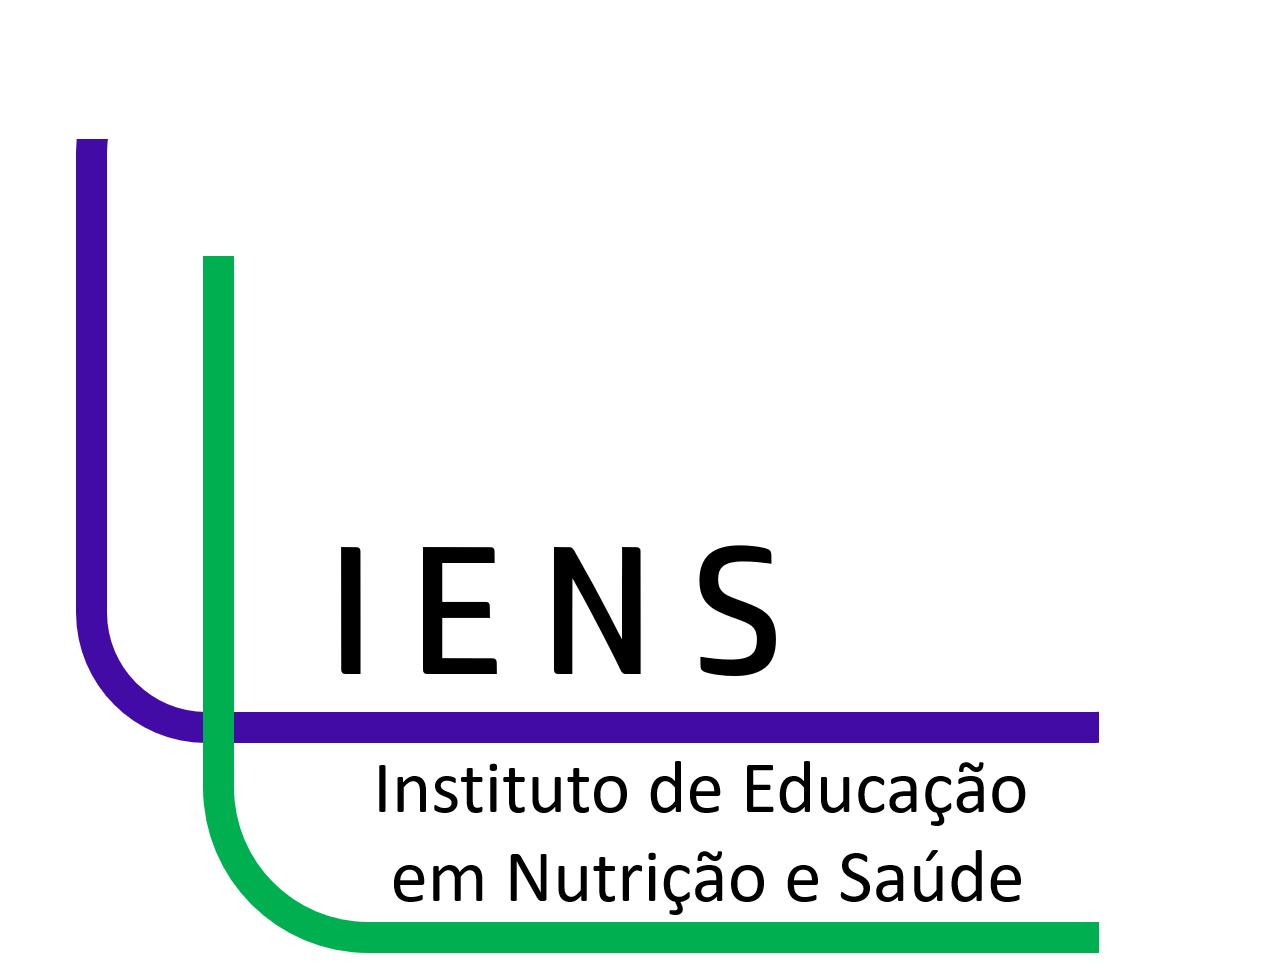 IENS - Instituto de Educação em Nutrição e Saúde